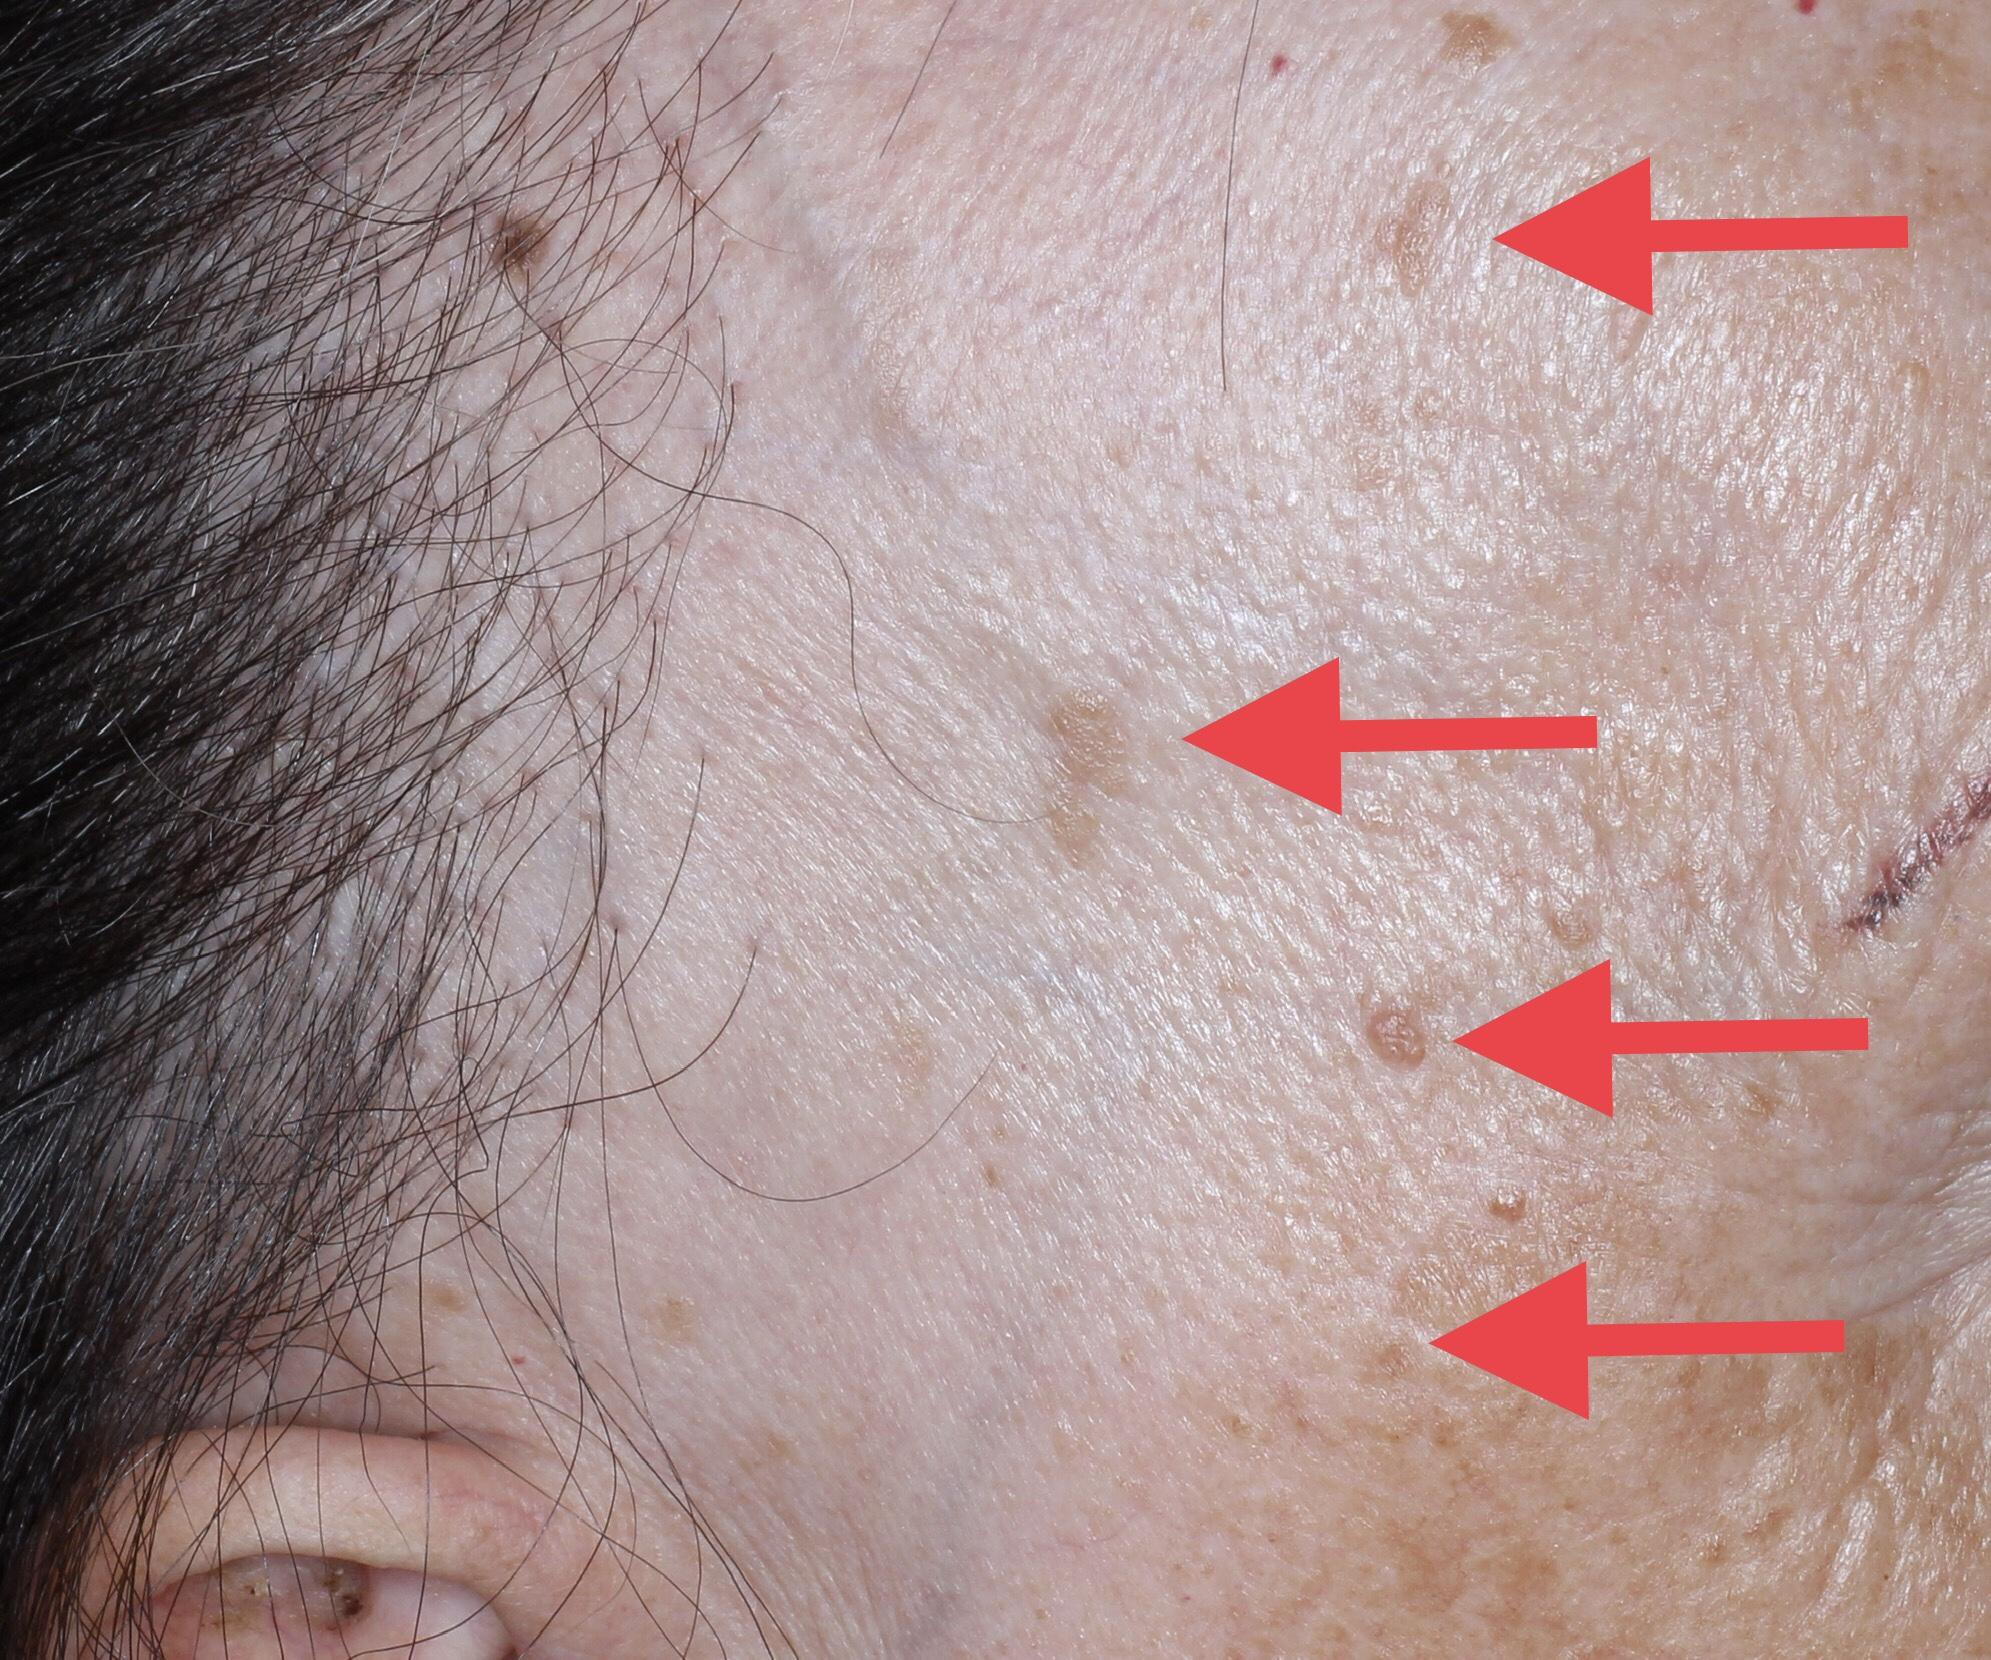 Doctor David Saceda Dermatologo Tricologo Alopecia Trasplante De Pelo Madrid Clinica Grupo Pedro Jaen Tratamiento Alopecia Frontal Fibrosante Femenina Dutasterida Dutasteride Finasterida Finasteride Cicatricial Mujer